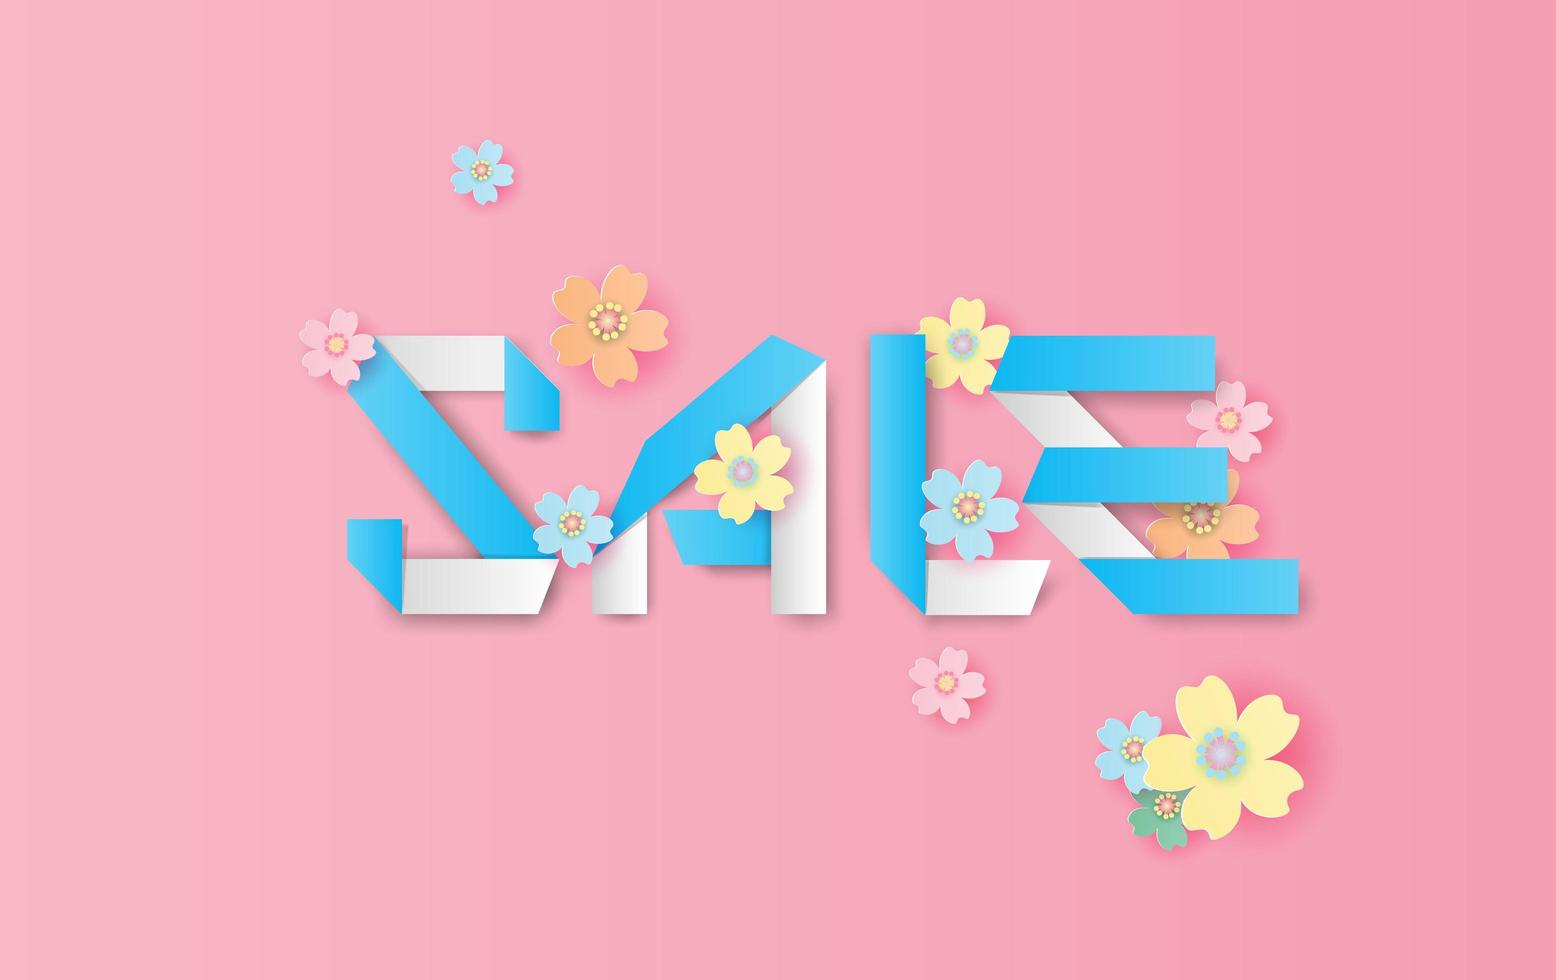 papier kunst en ambacht lente verkoop banner achtergrond vector